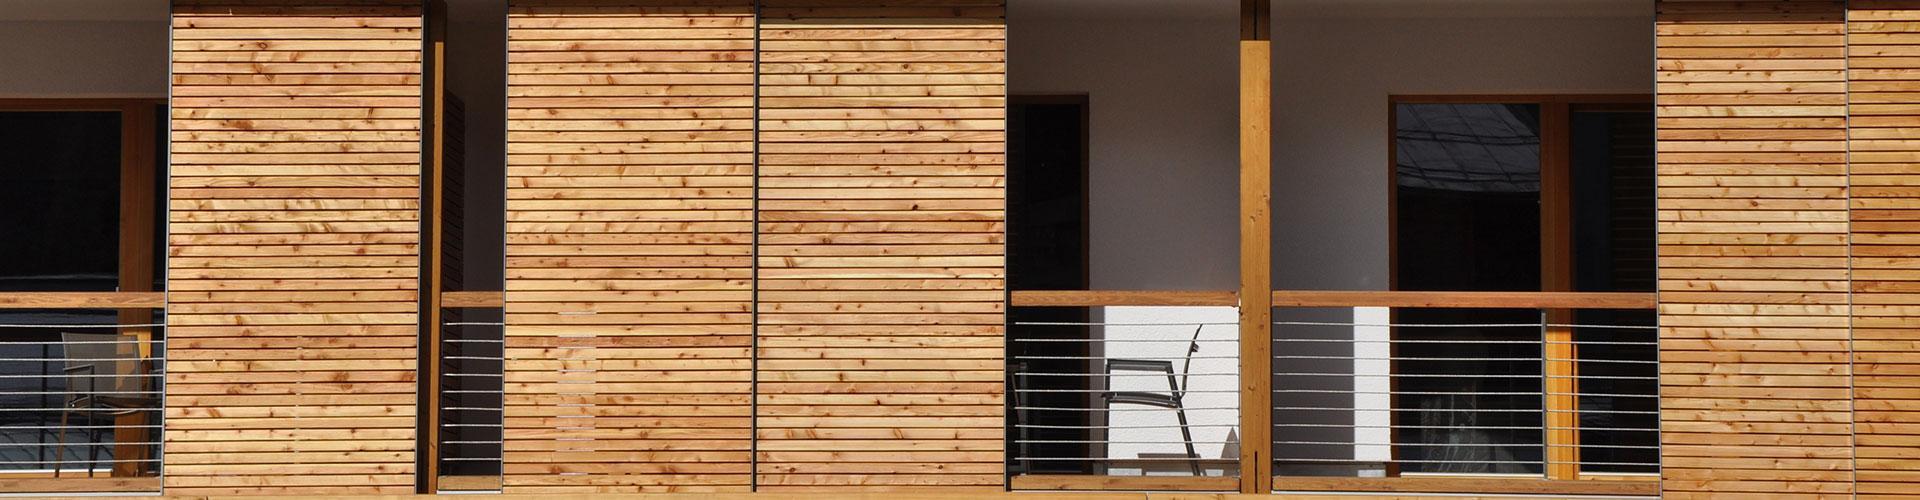 Balkon Schiebeläden-Holz-Alurahmen